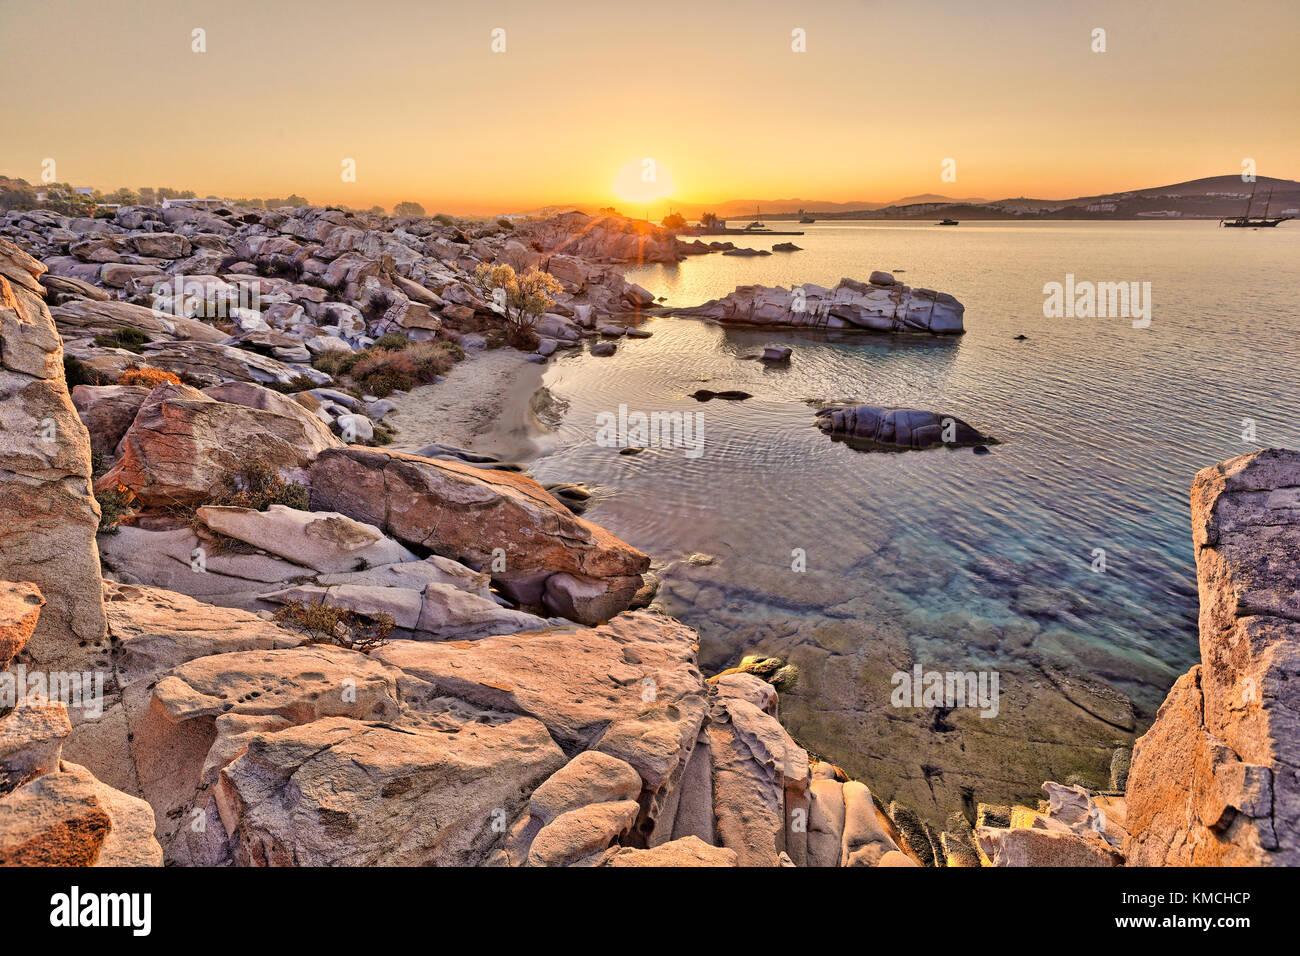 Le lever du soleil à kolymbithres beach de l'île de paros, Grèce Photo Stock